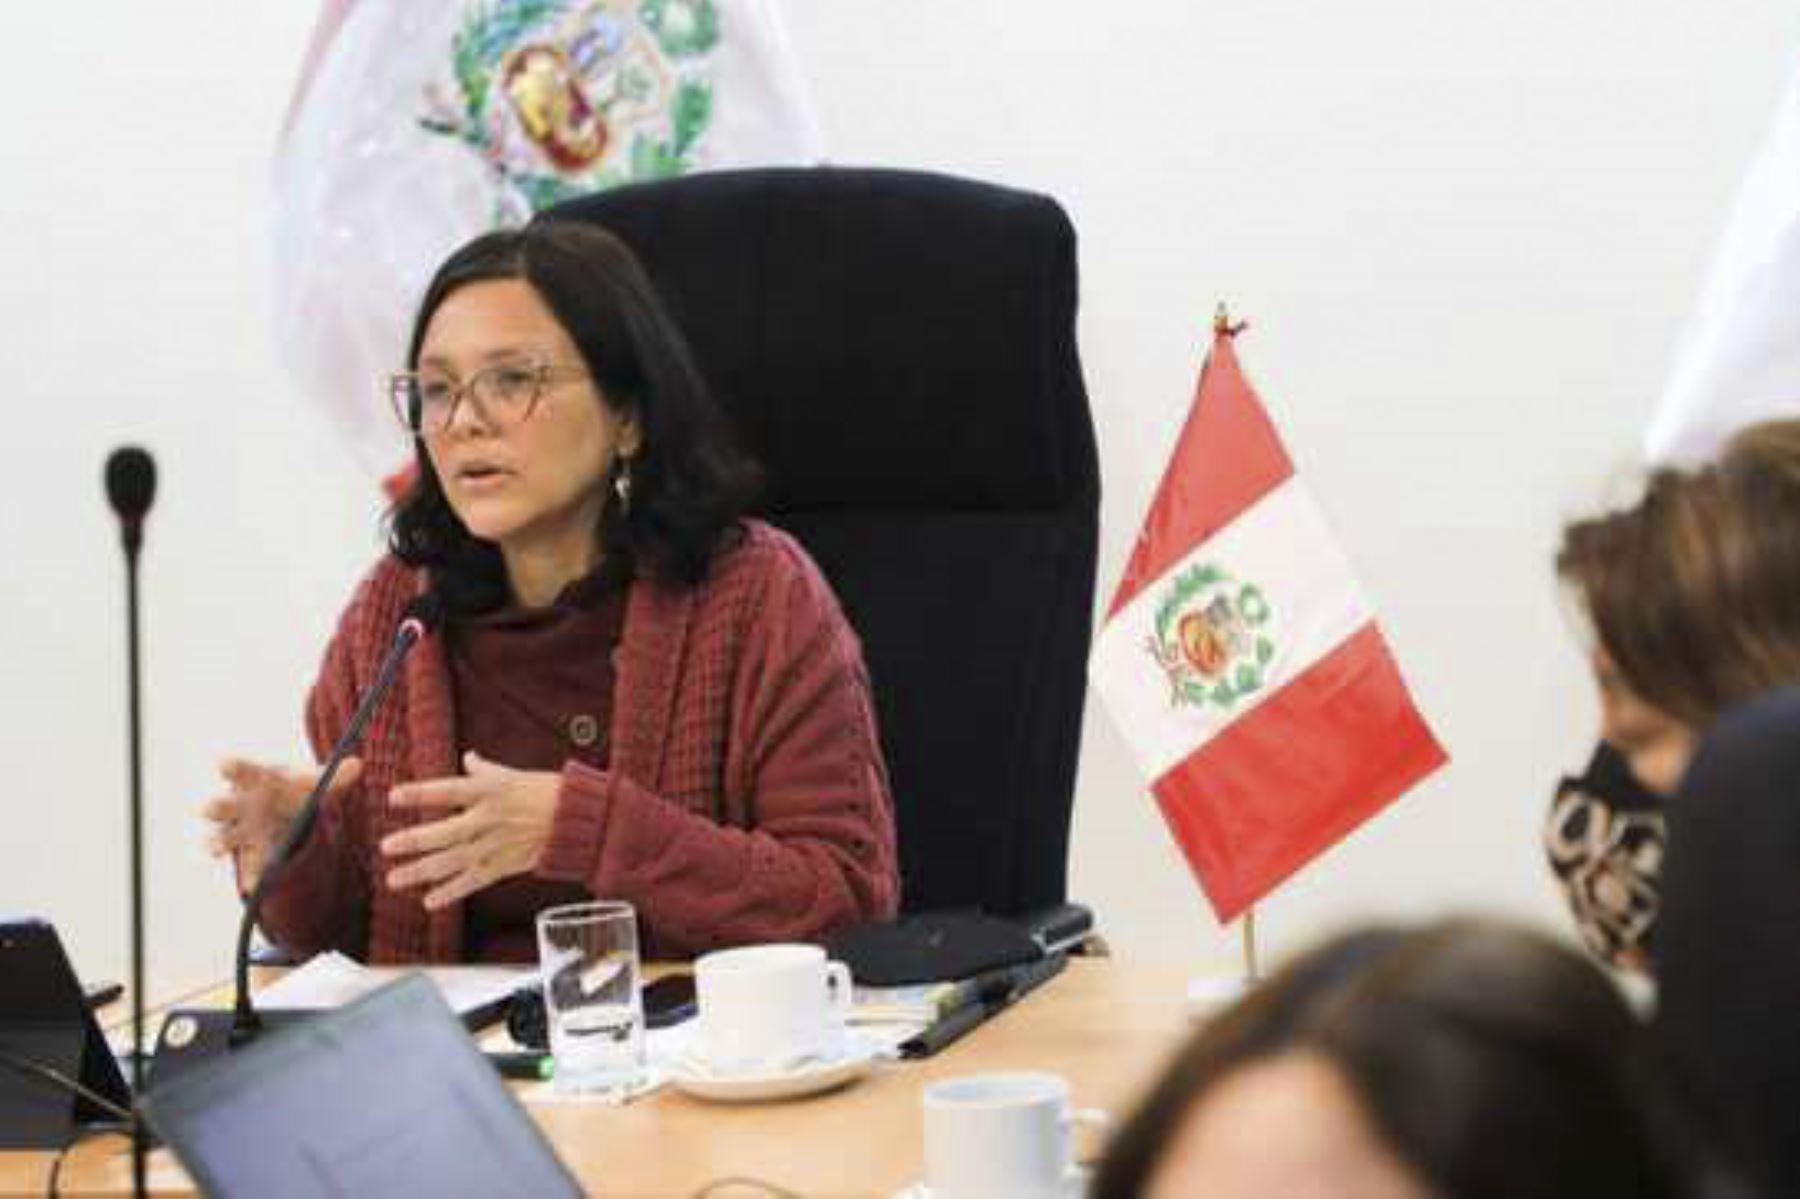 Ministra de la Mujer considera preocupante insistencia a cuestión de confianza